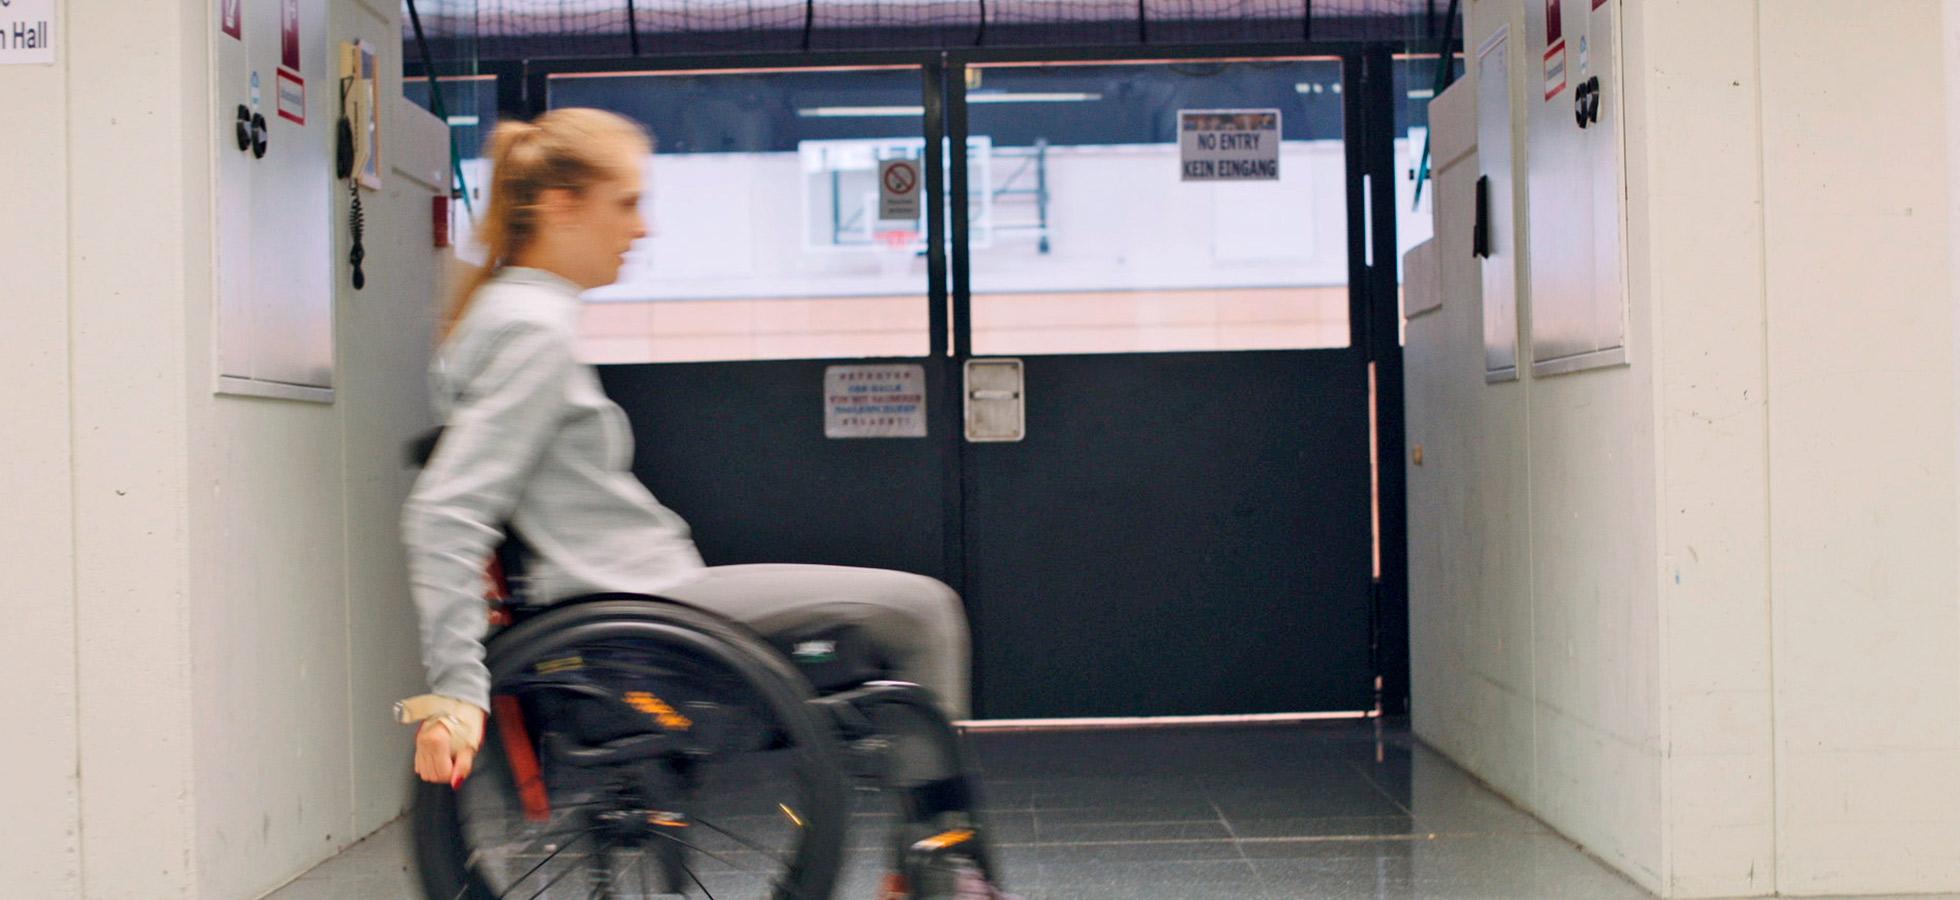 Full Size of Meine Barrierefreie Kche Kira Grnberg Eckbank Küche Landhausküche Teppich Für Holz Modern Einbauküche Gebraucht Hochschrank Singelküche Sitzecke Küche Behindertengerechte Küche